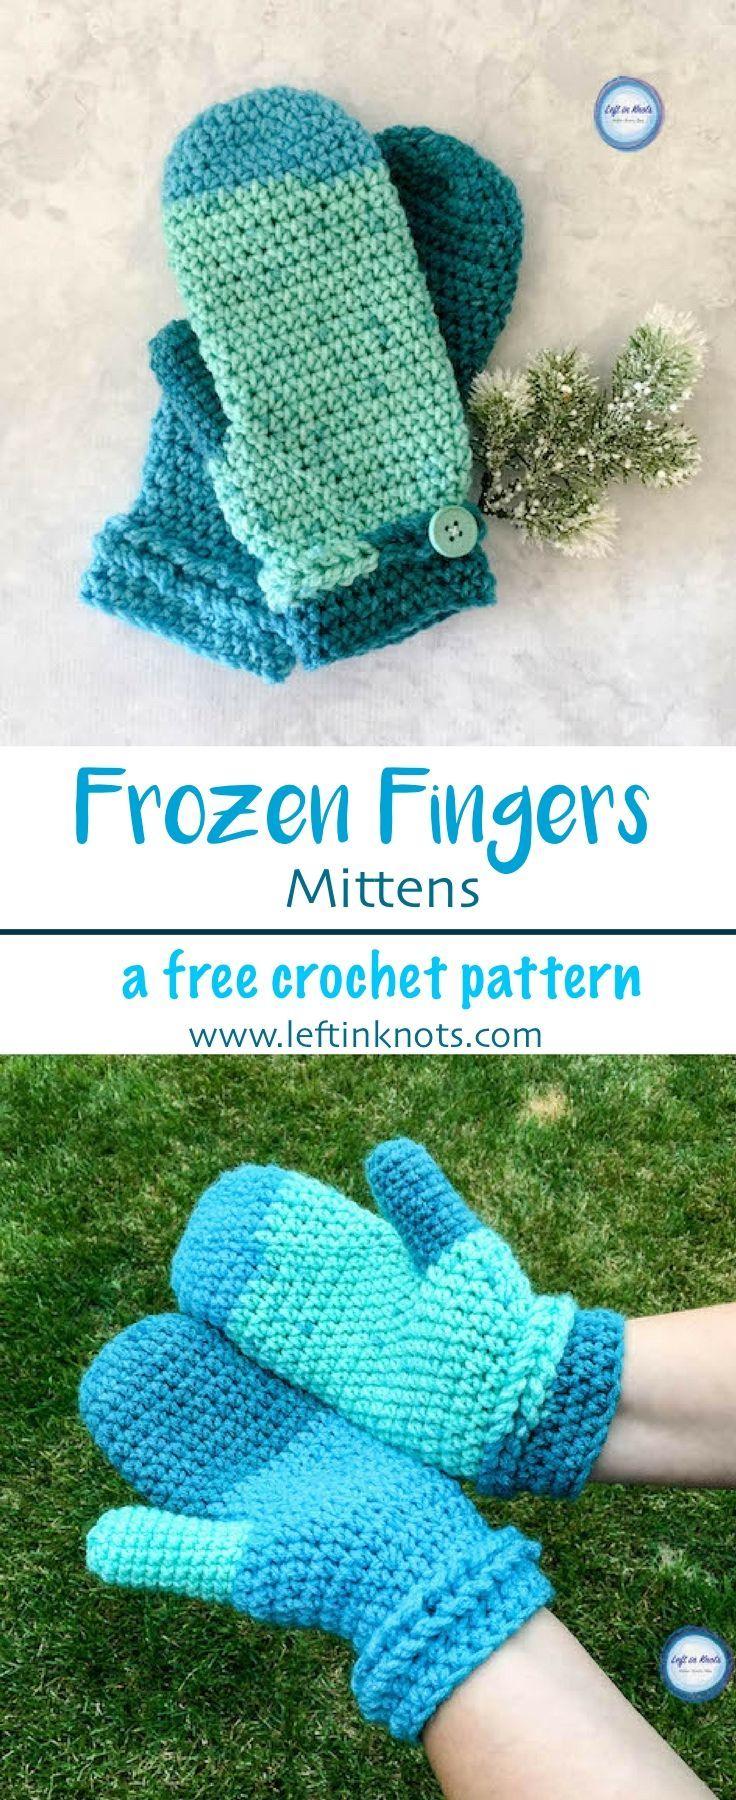 Frozen Fingers Crochet Mittens | Häkelmuster, Handarbeiten und Häkeln